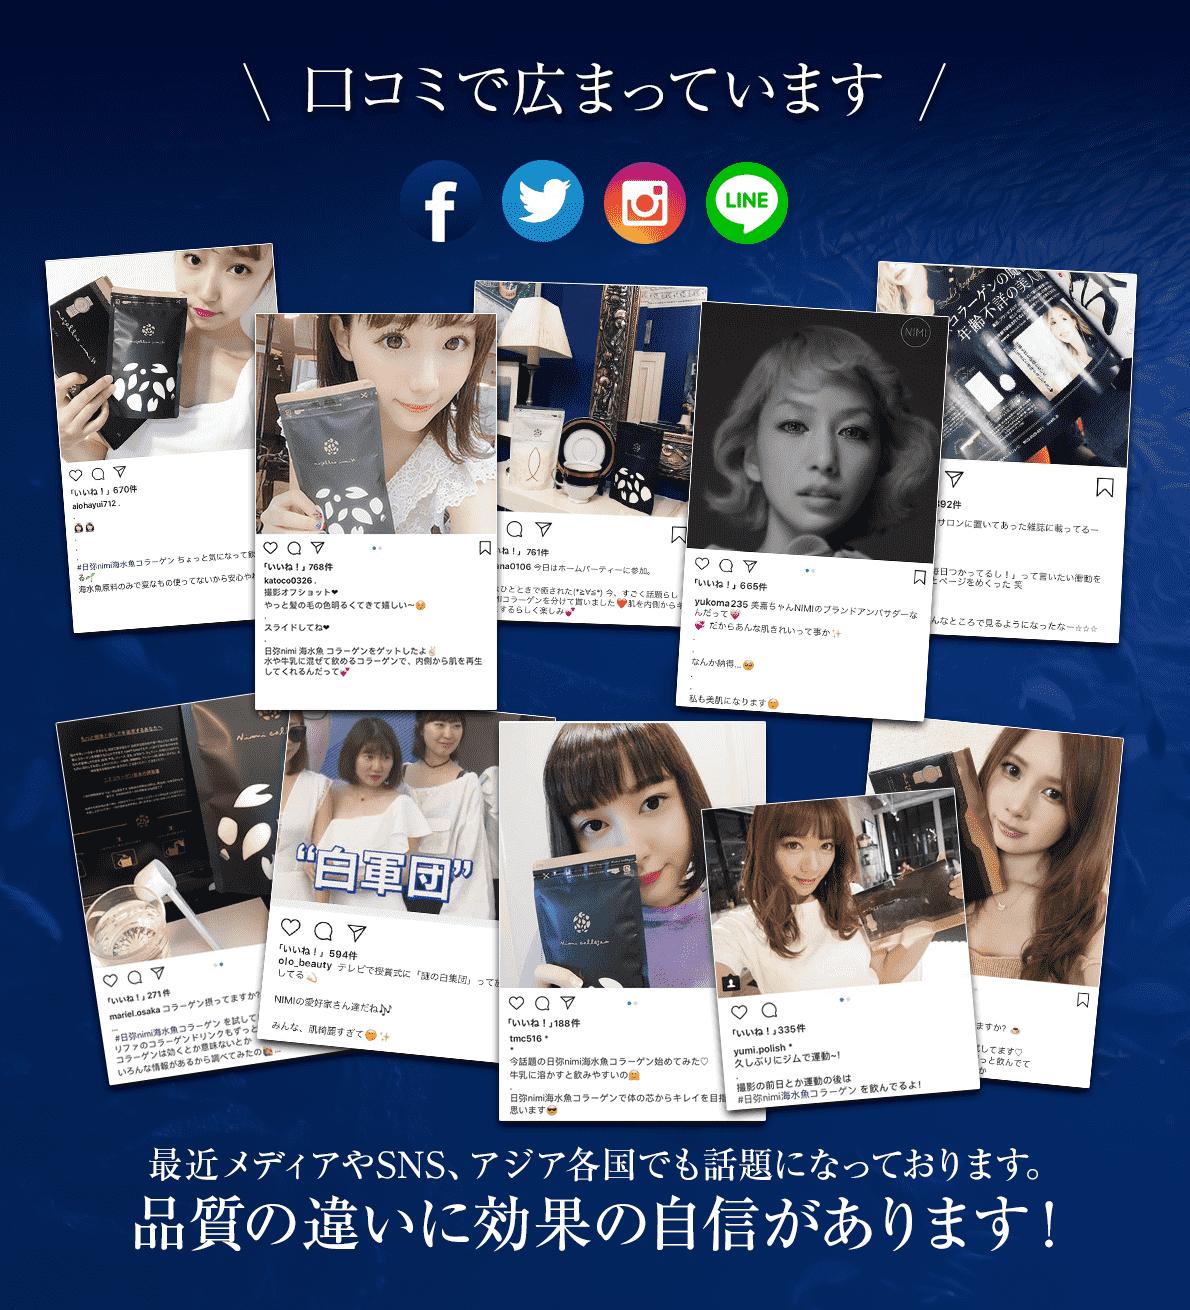 口コミで広まっていますFacebook・Twitter・Instagram・LINE最近メディアやSNS、アジア各国でも話題になっております。 品質の違いに効果の自信があります!